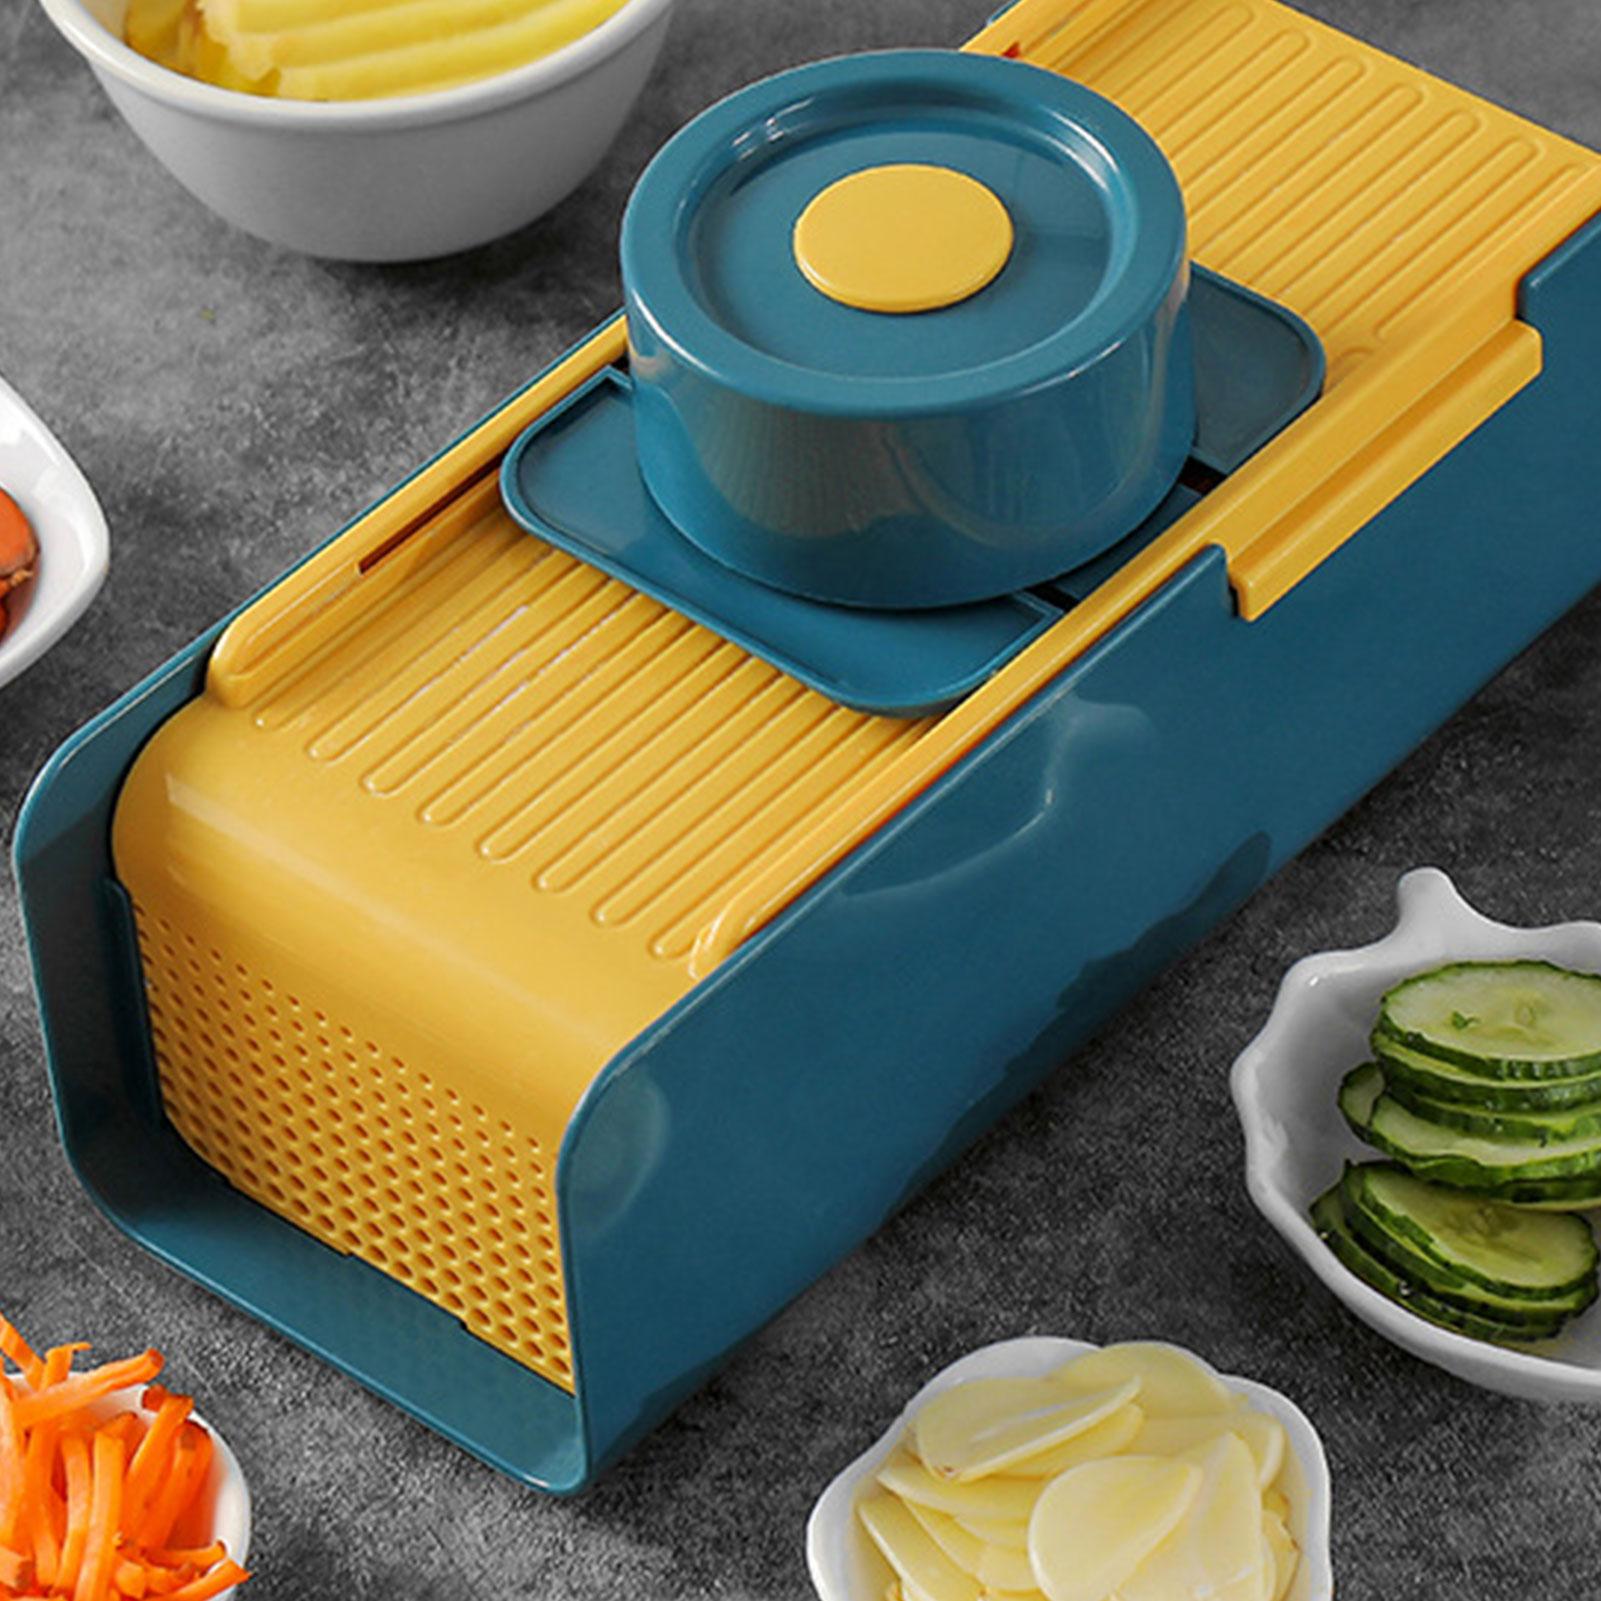 قطاعة الخضراوات متعددة الوظائف شرائح بطاطس قطع أثرية شرائح سميكة للمطبخ تقطيع المنزلية